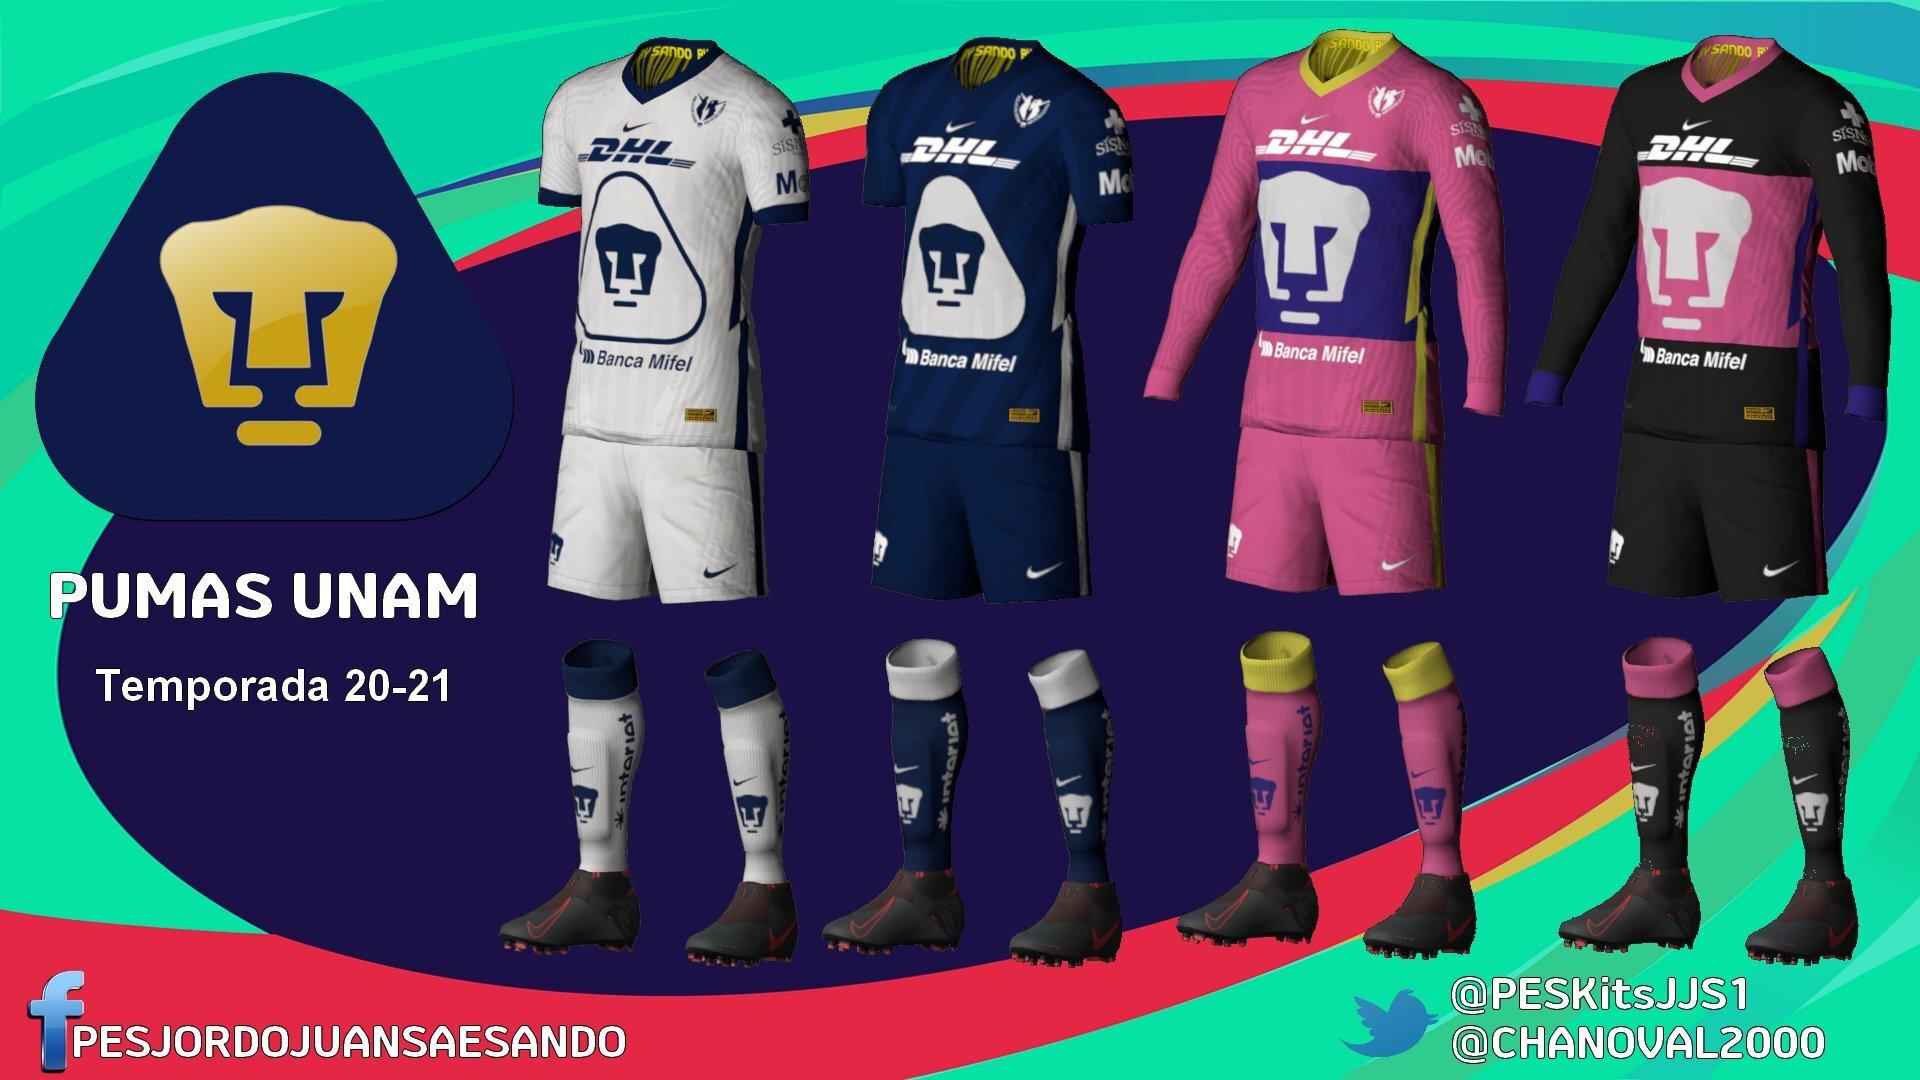 Kits Pumas UNAM 2020/2021by Sando